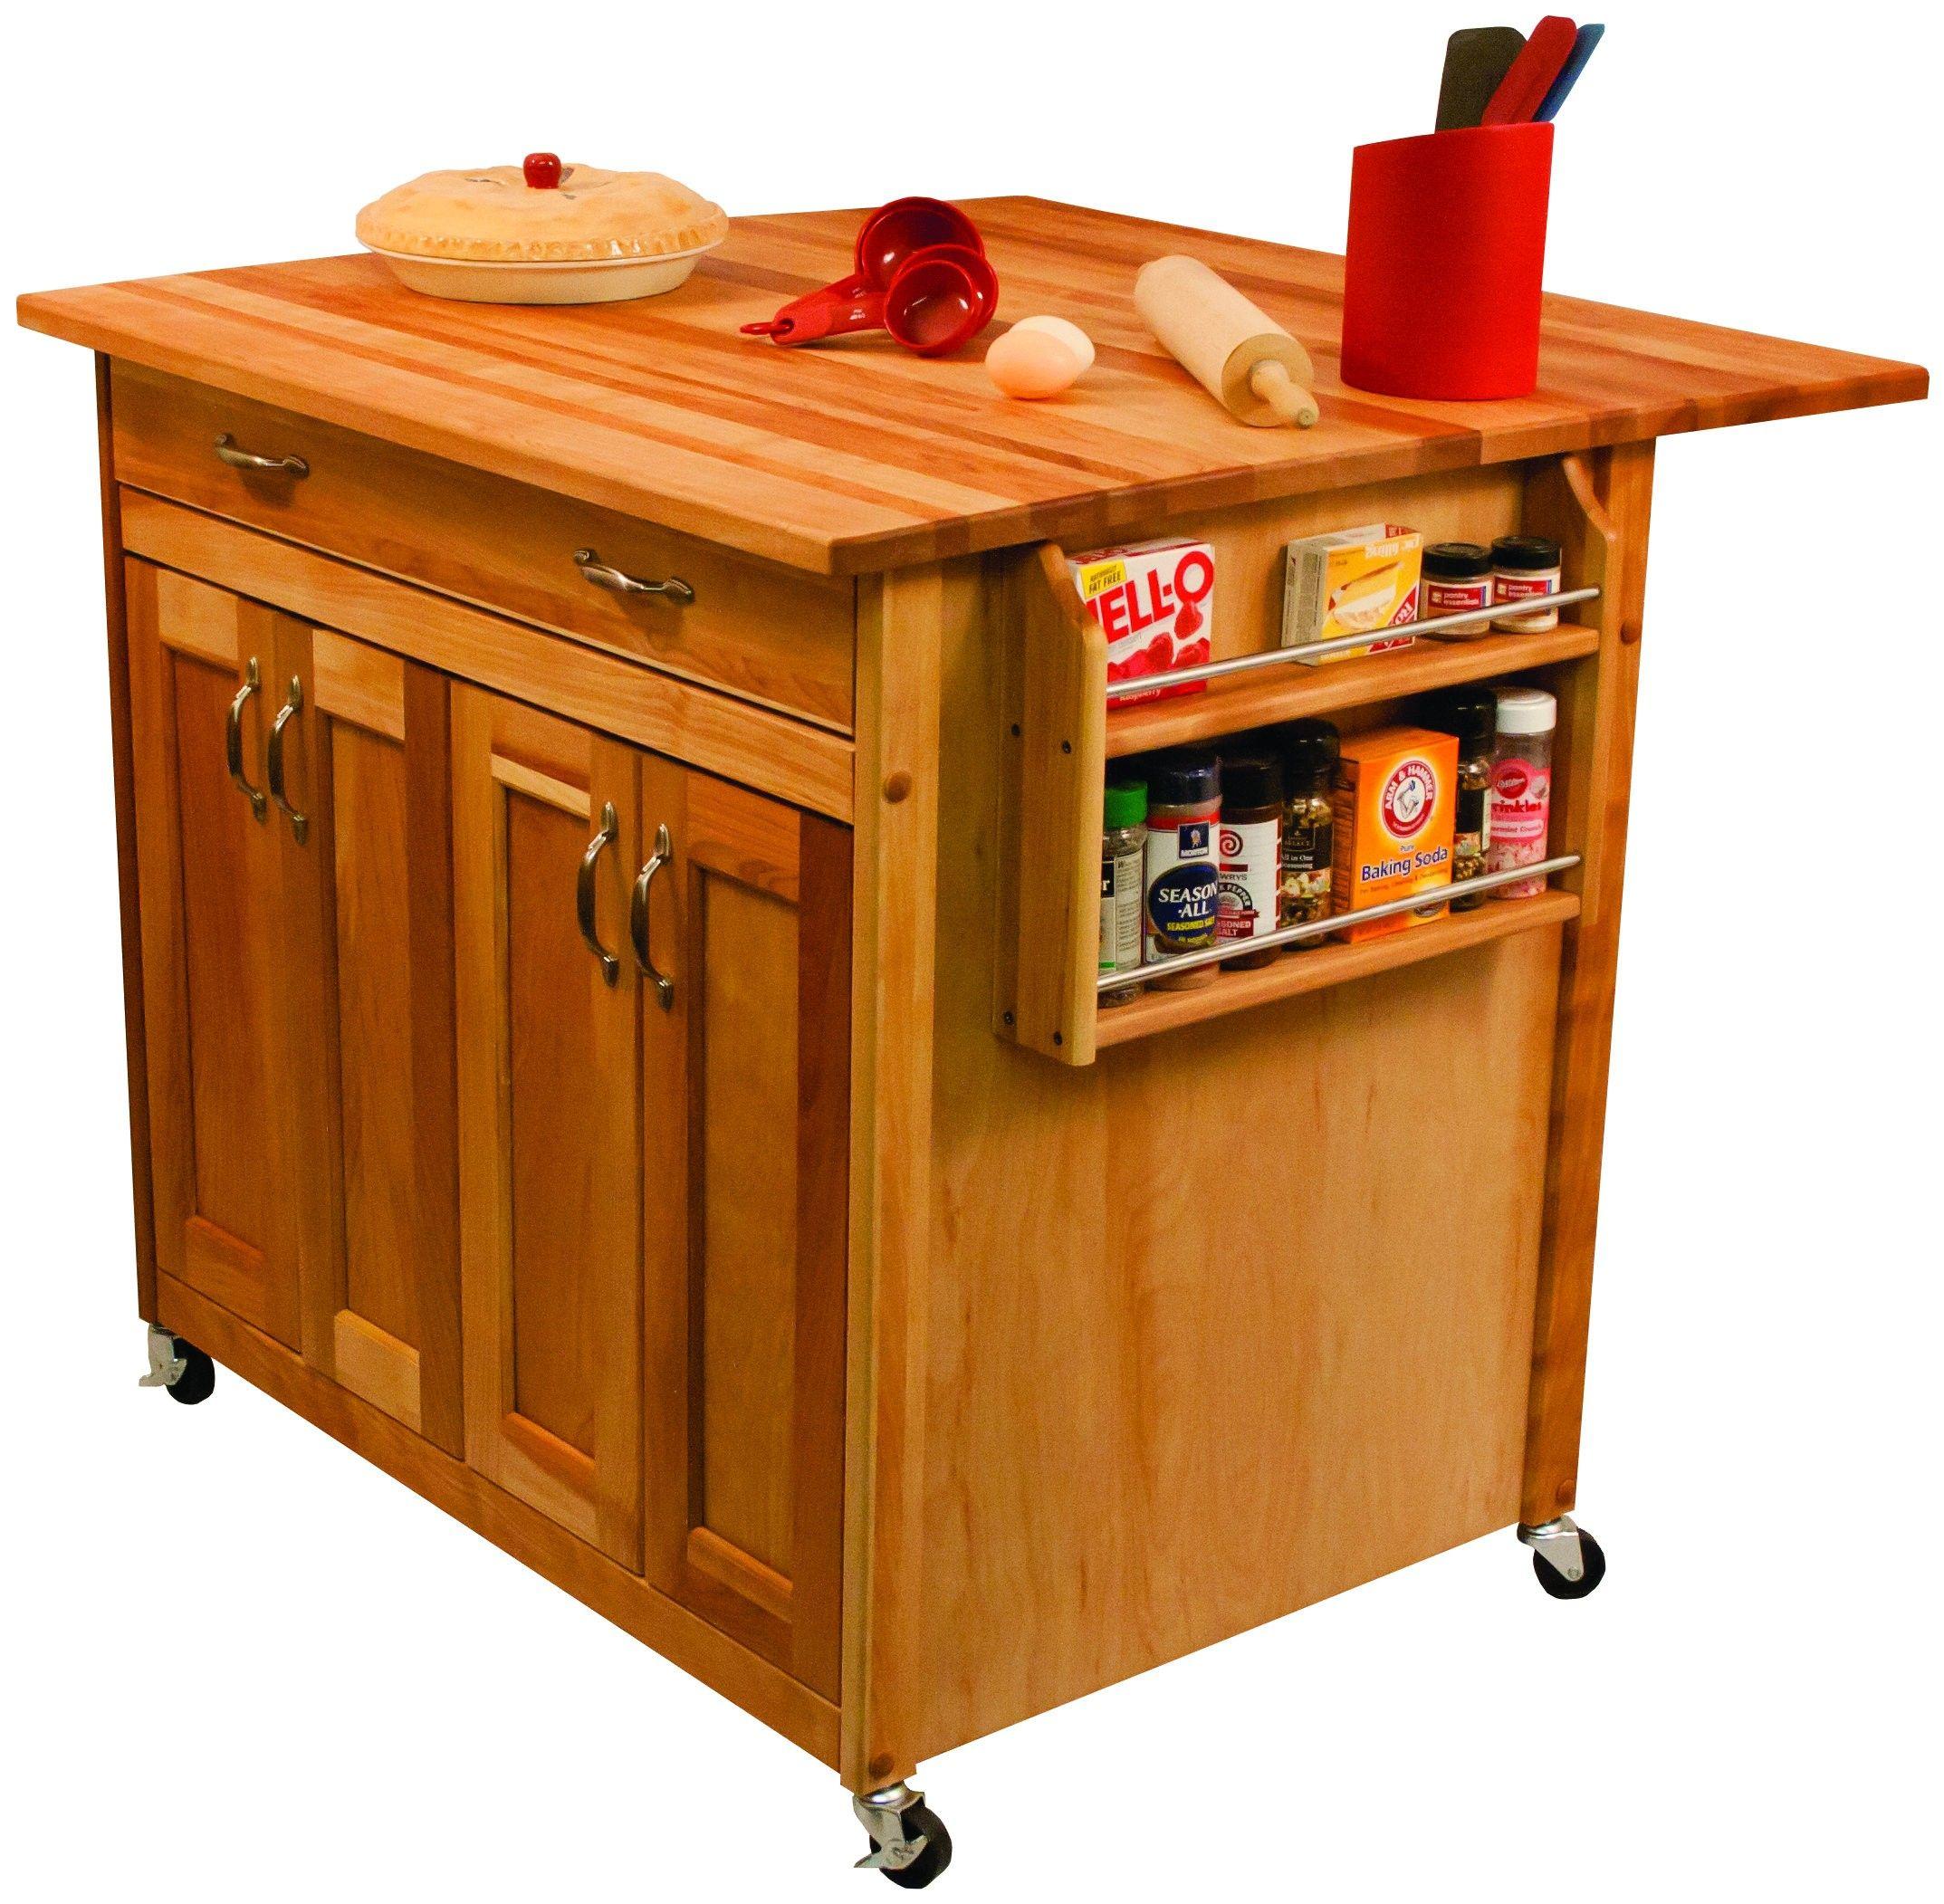 L Förmige Küche Designs Küchen design, Moderne küche